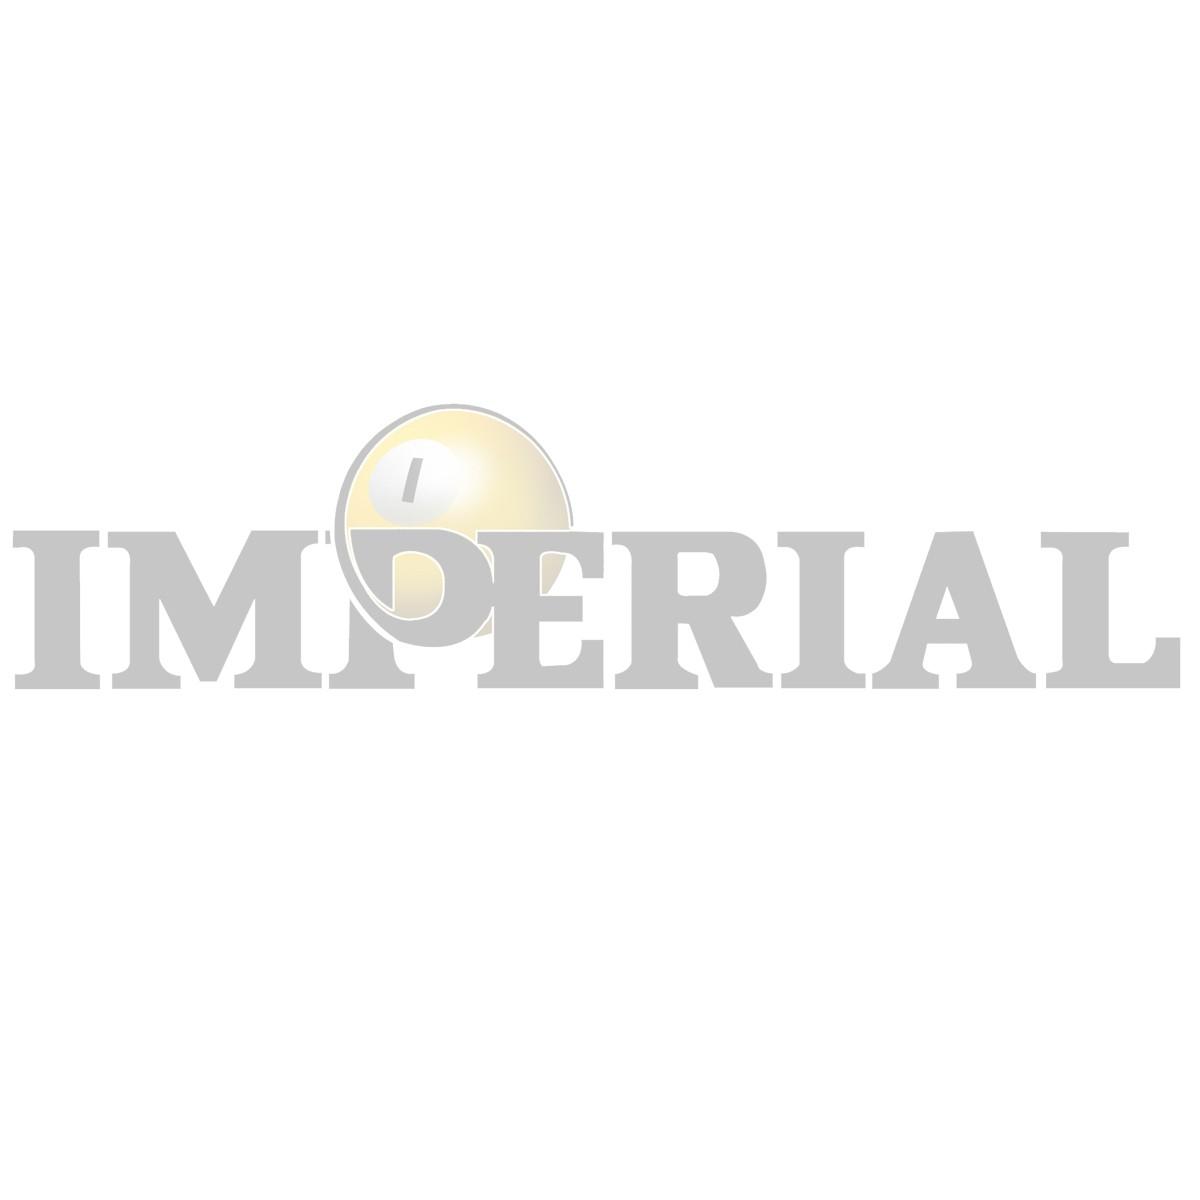 Cincinnati Bengals Classic Leather  Sofa